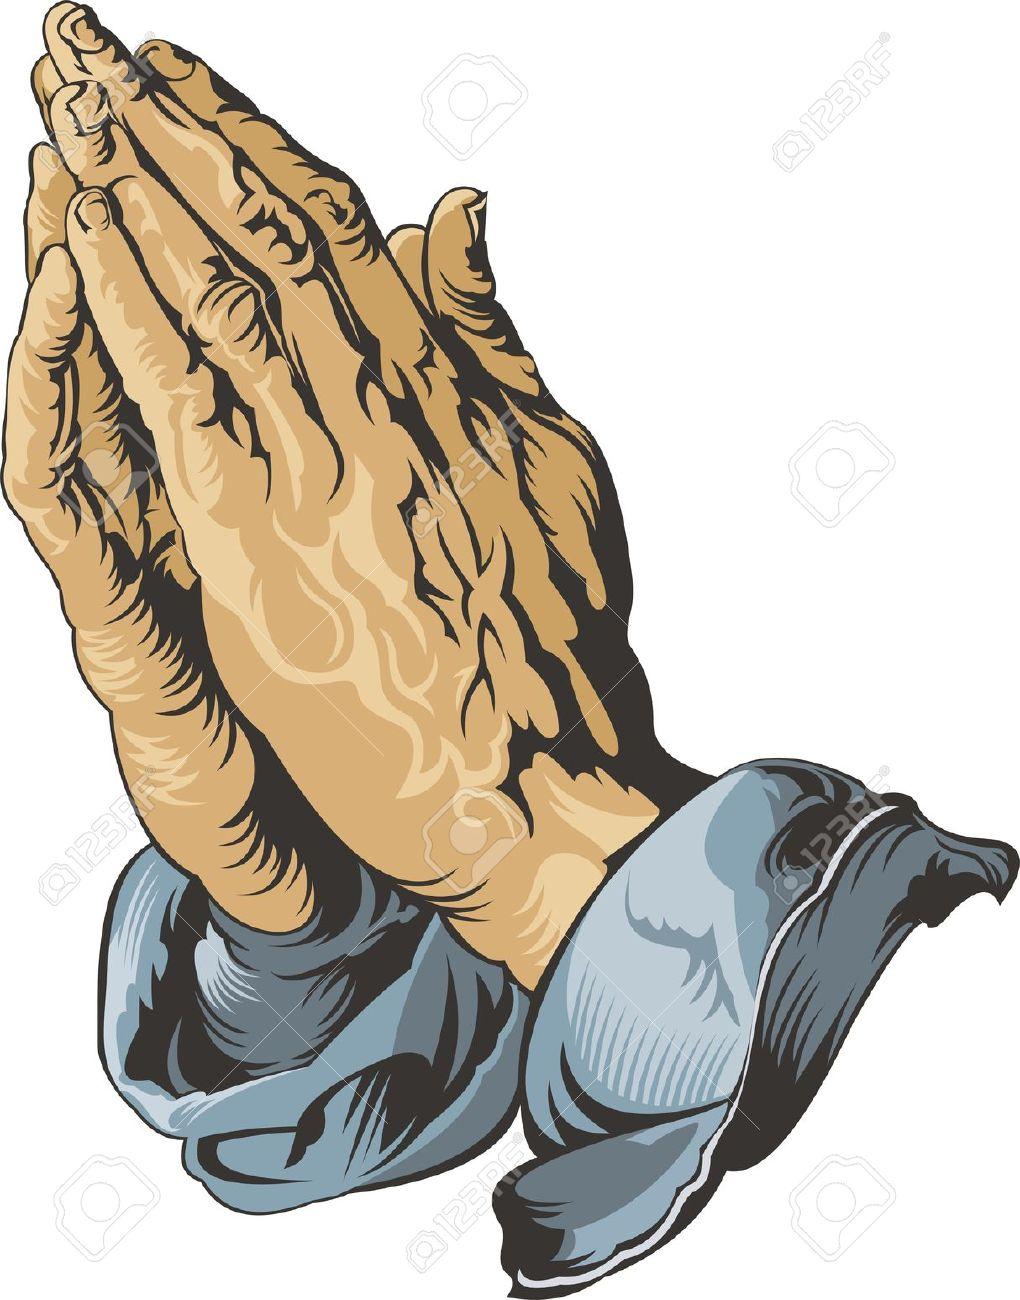 Jesus prayer hands clipart.